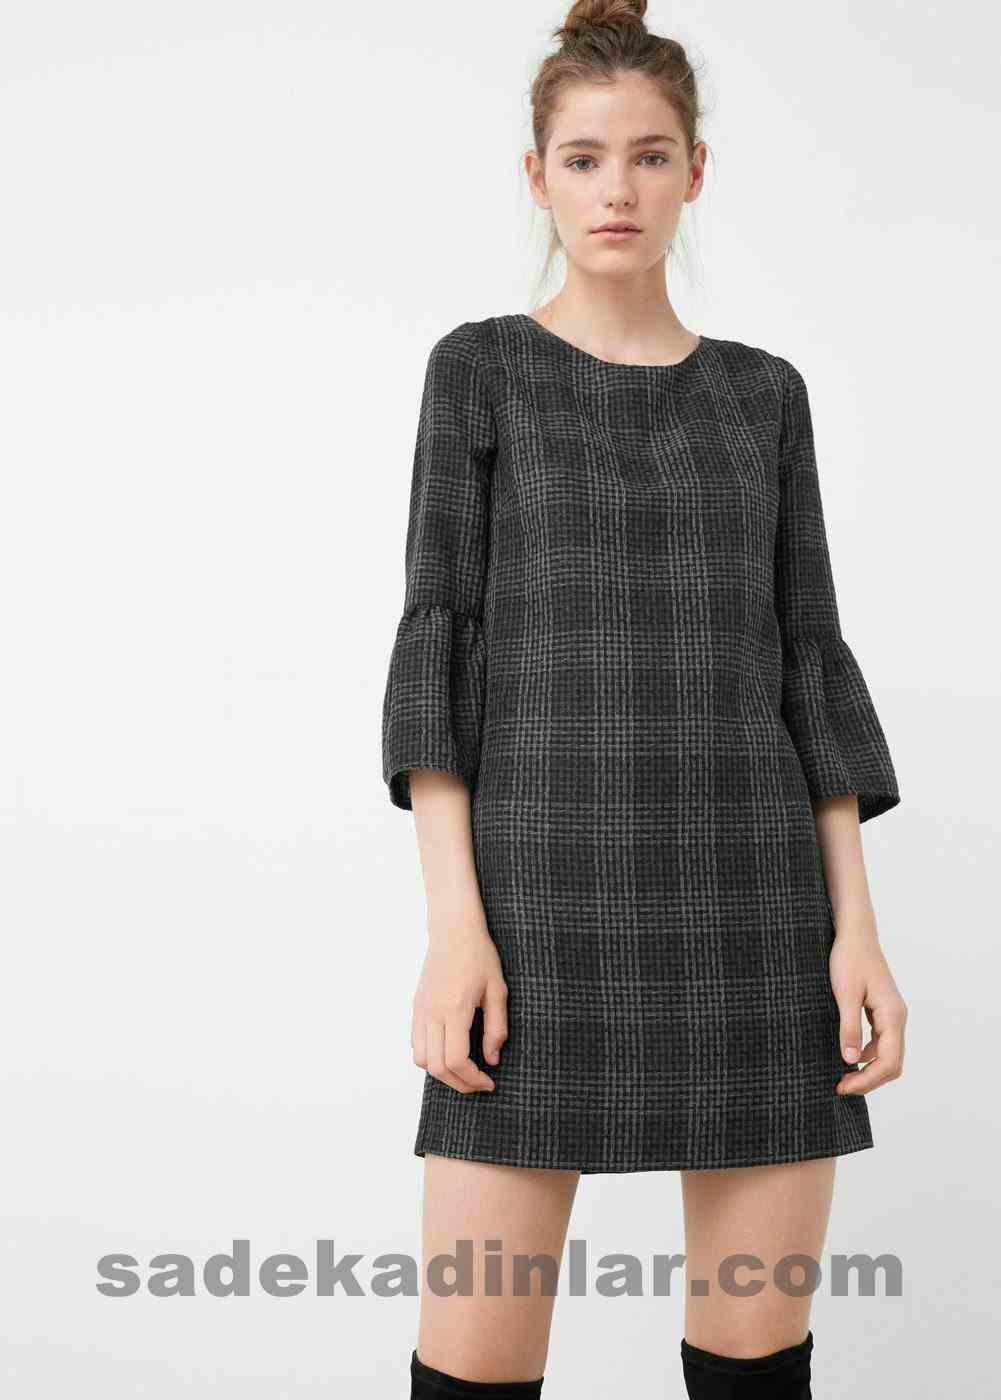 Abiye Elbise Modelleri Şık ve Güzel 2019 Gece Elbiseleri Kloş Kollu Günlük Kısa